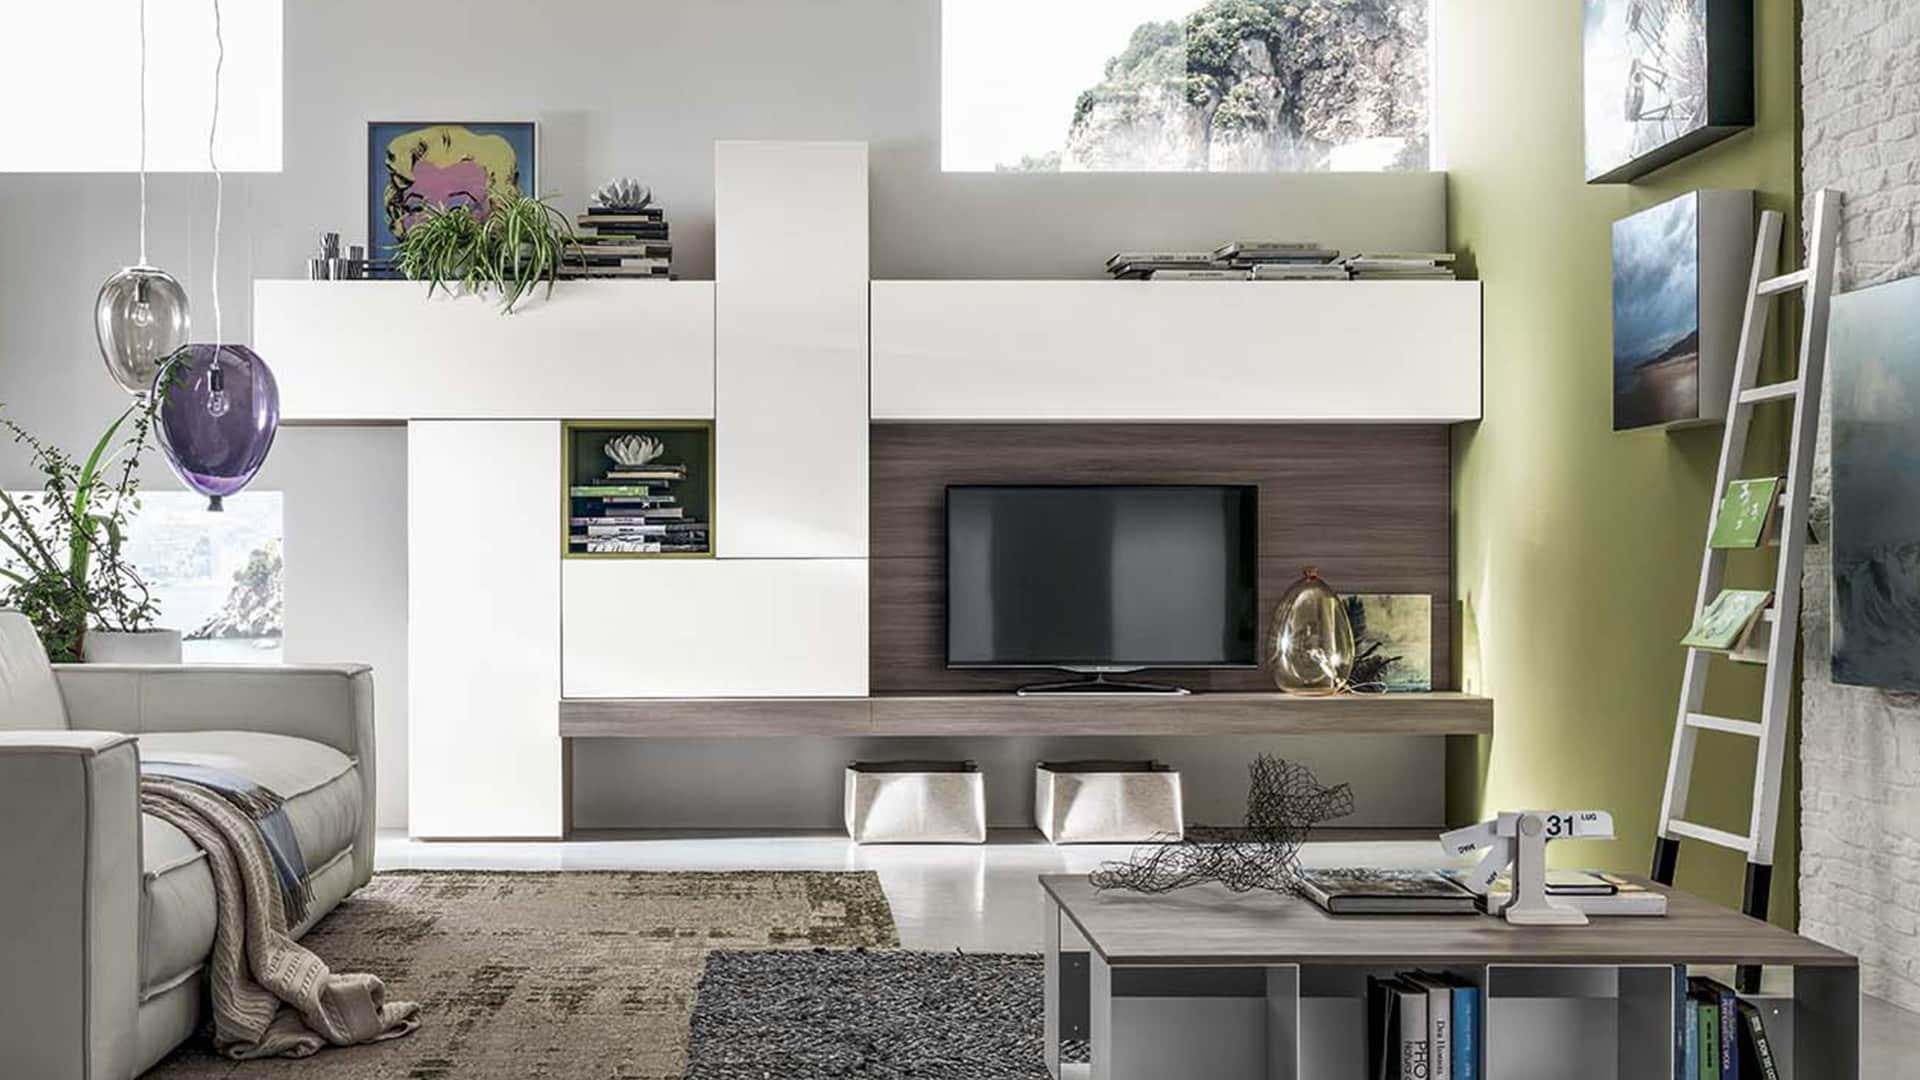 Vendita di mobili per soggiorno a padova mobili da for Soggiorni moderni lissone